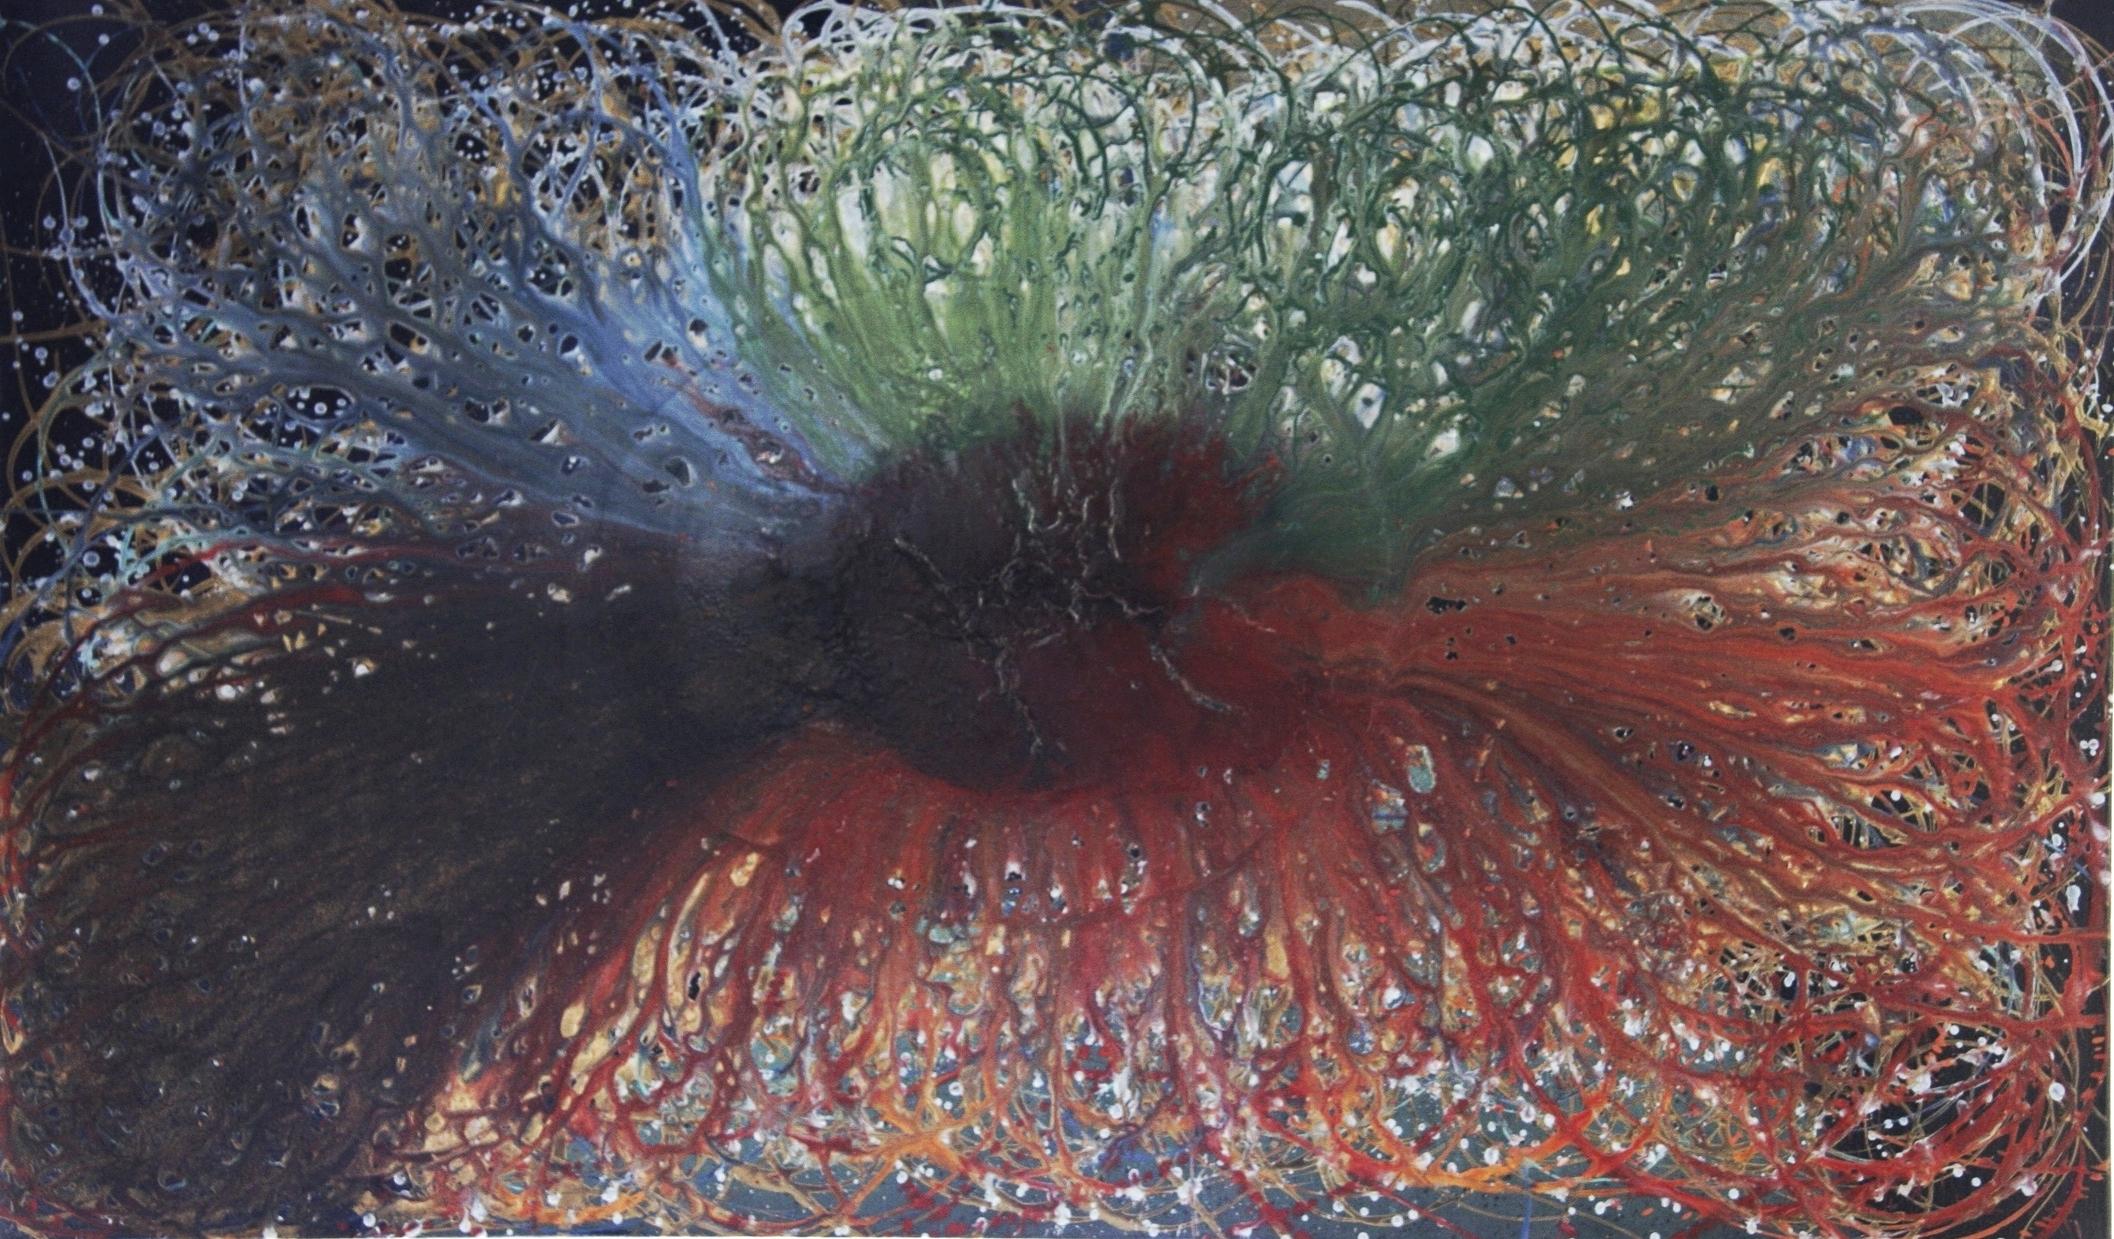 Acrylic on Canvas 36 x 60, 2013